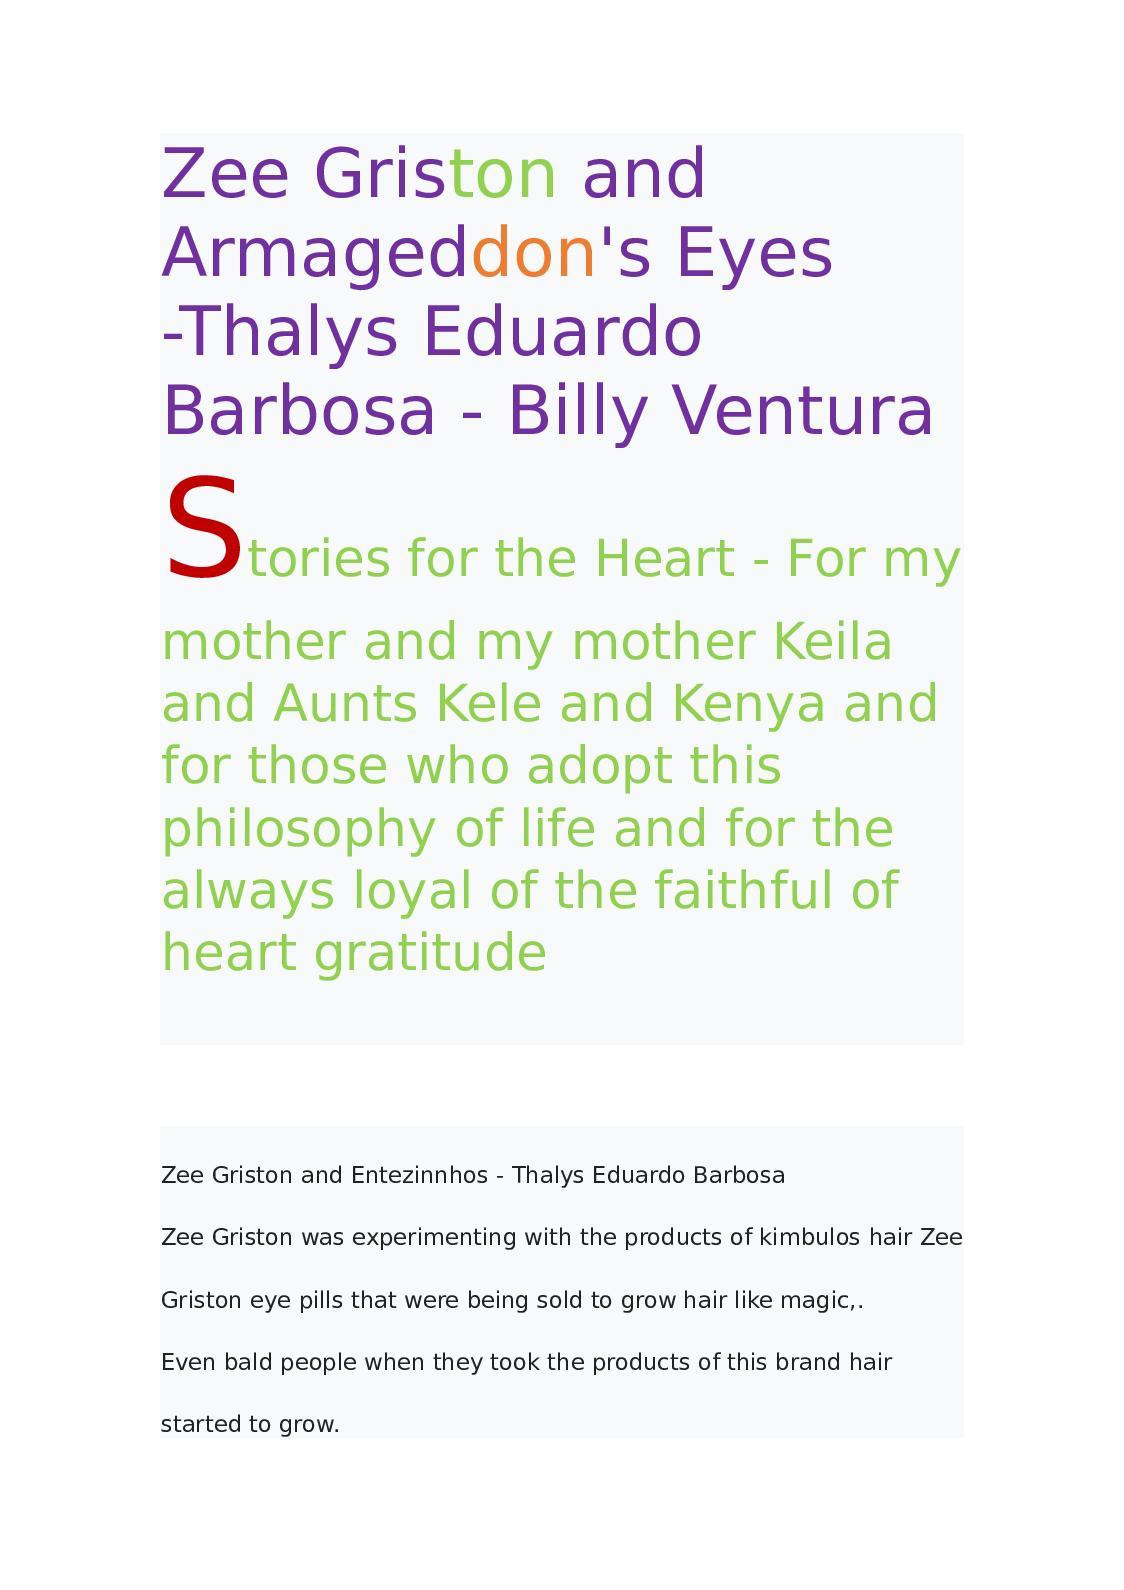 Calaméo - Livro Zee Griston and Armageddon's Eyes -Thalys